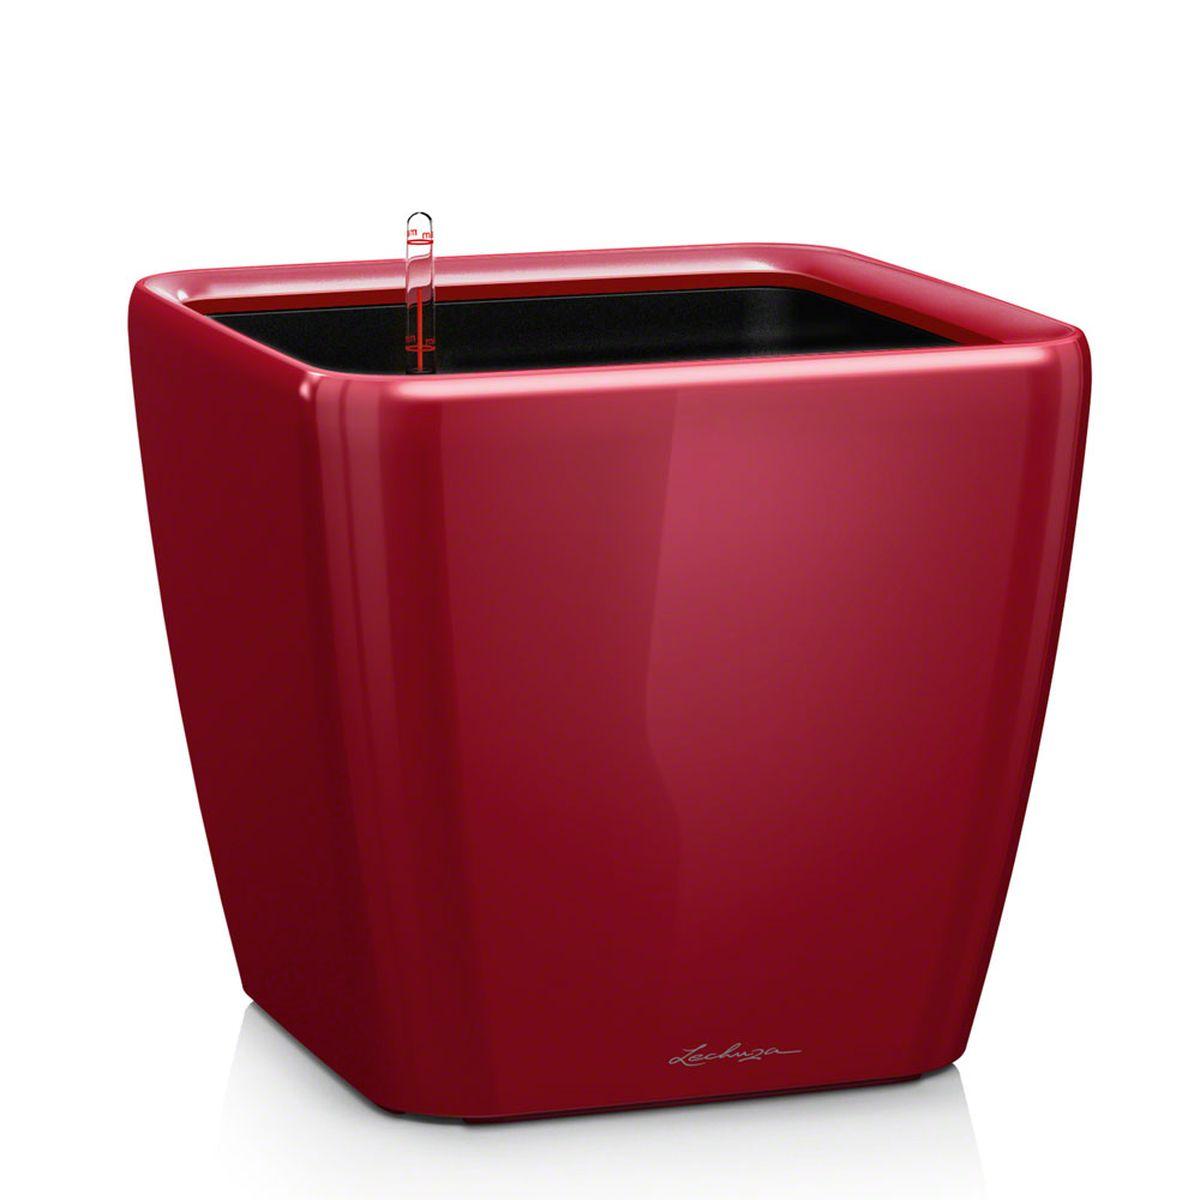 Кашпо Lechuza Quadro, с системой автополива, цвет: красный, 21 х 21 х 20 см16127Кашпо Lechuza Quadro, выполненное из высококачественного пластика, имеет уникальную систему автополива, благодаря которой корневая система растения непрерывно снабжается влагой из резервуара. Уровень воды в резервуаре контролируется с помощью специального индикатора. В зависимости от размера кашпо и растения воды хватает на 2-12 недель. Это способствует хорошему росту цветов и предотвращает переувлажнение.В набор входит: кашпо, внутренний горшок с выдвижной эргономичной ручкой, индикатор уровня воды, вал подачи воды, субстрат растений в качестве дренажного слоя, резервуар для воды.Кашпо Lechuza Quadro прекрасно впишется в любой интерьер. Оно поможет расставить нужные акценты, а также придаст помещению вид, соответствующий вашим представлениям.